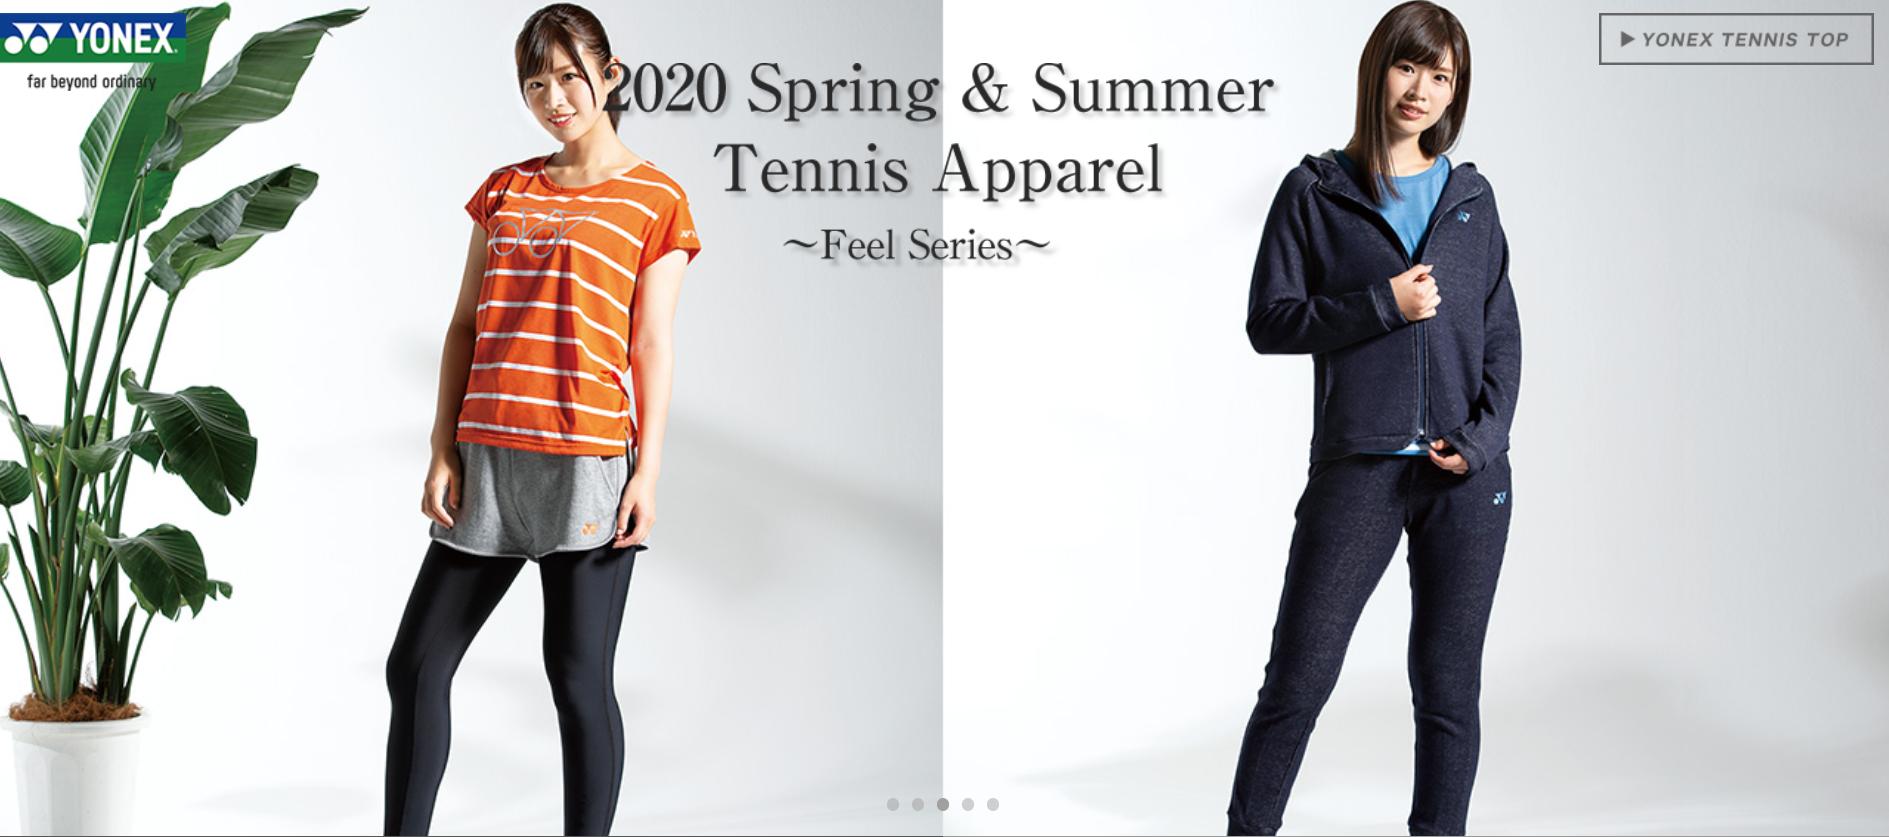 佐藤朱「ヨネックス2020春夏テニスウェア・デジタルカタログ」より